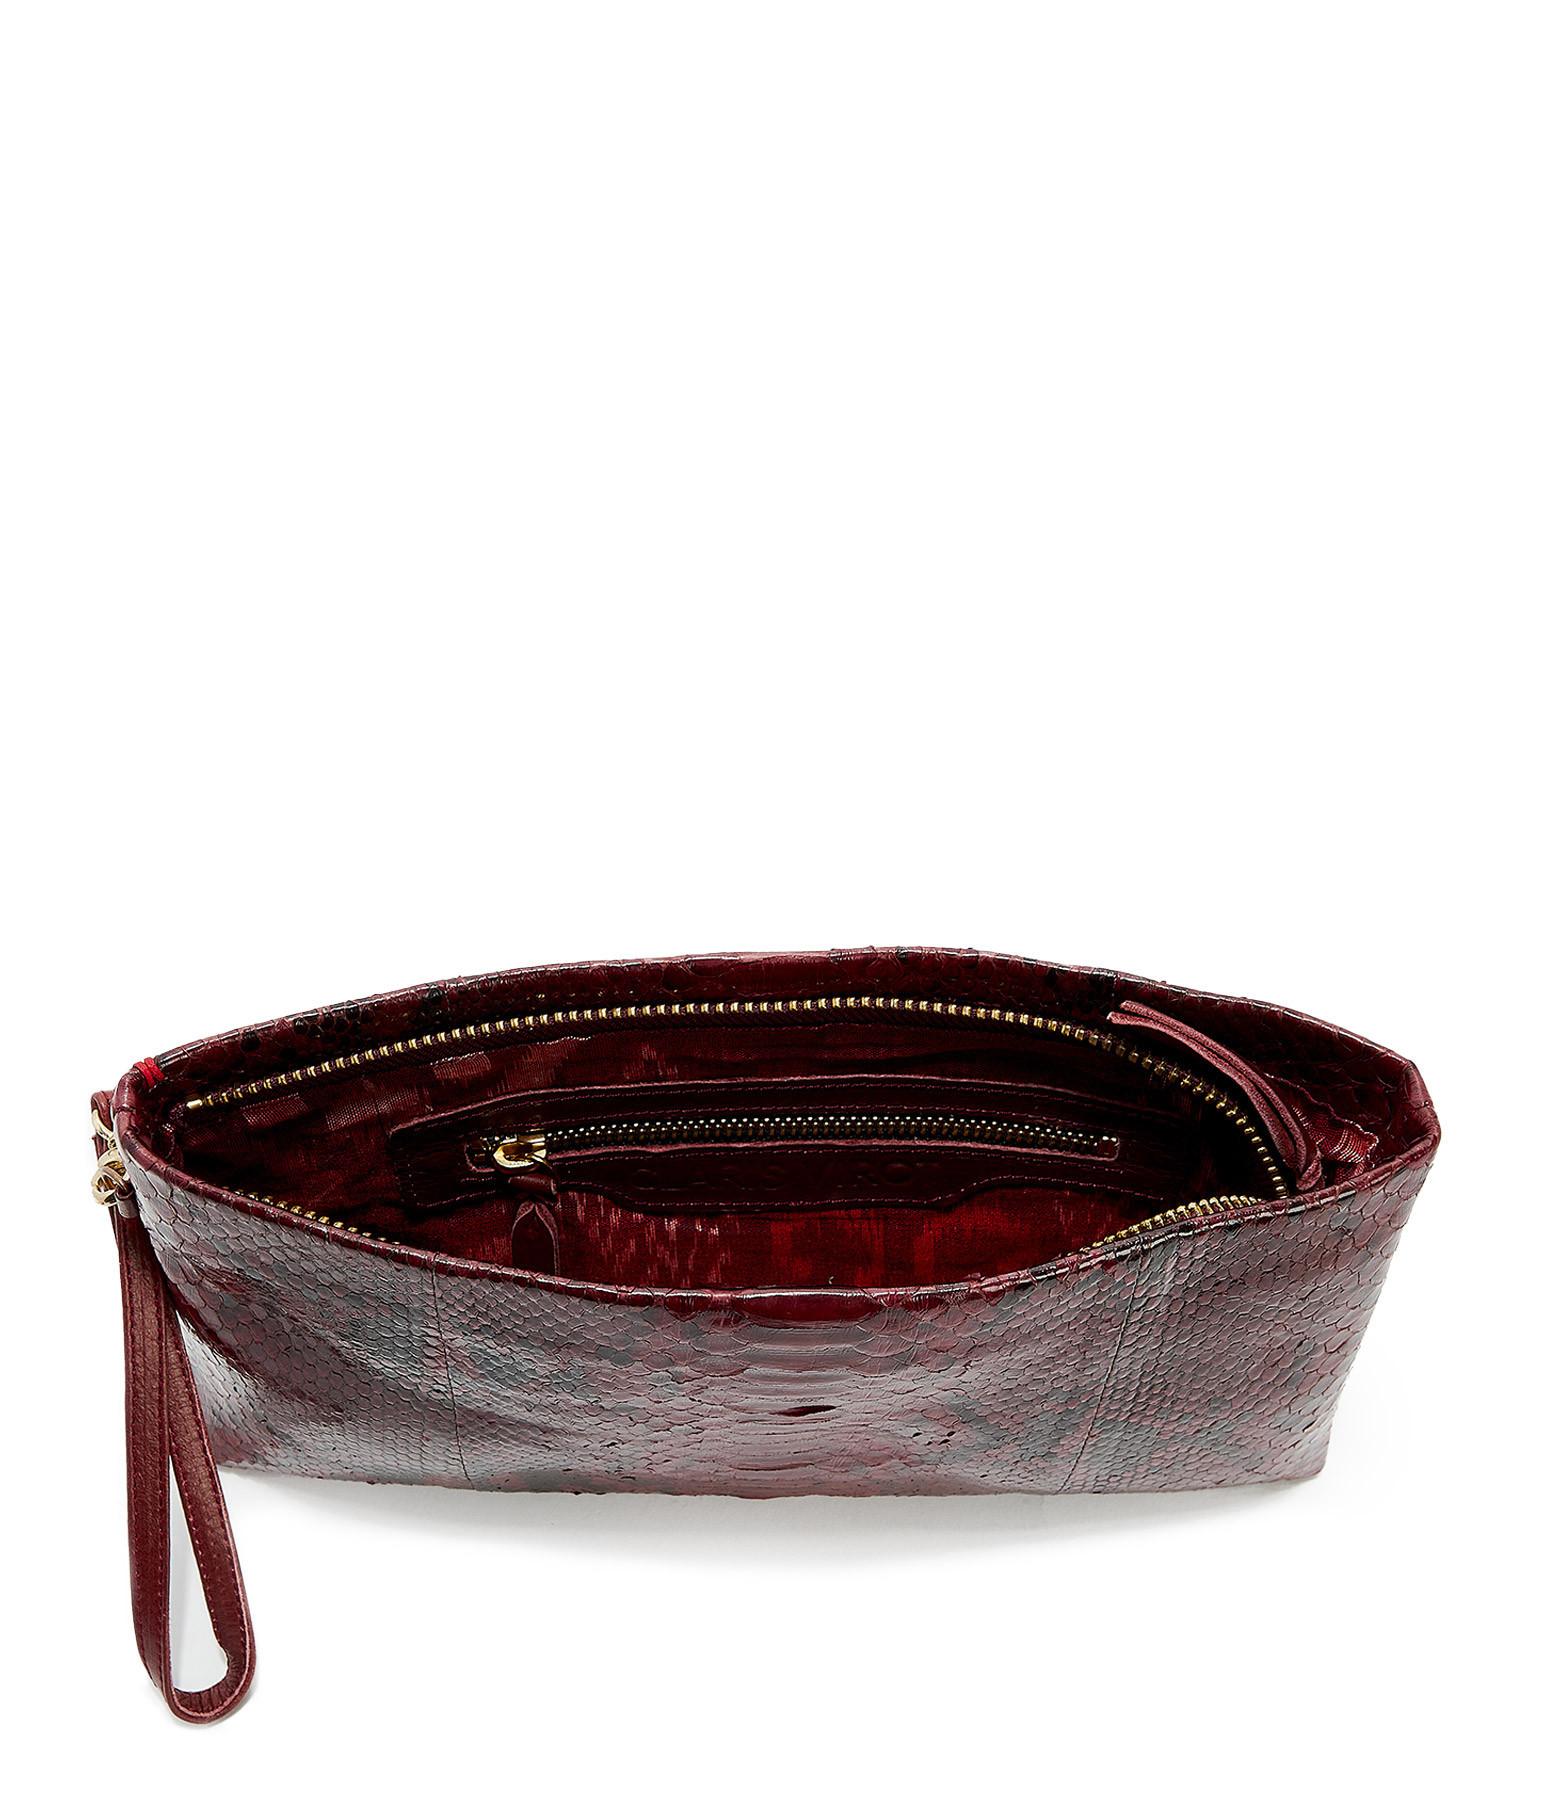 CLARIS VIROT - Pochette Lou Python Bordeaux